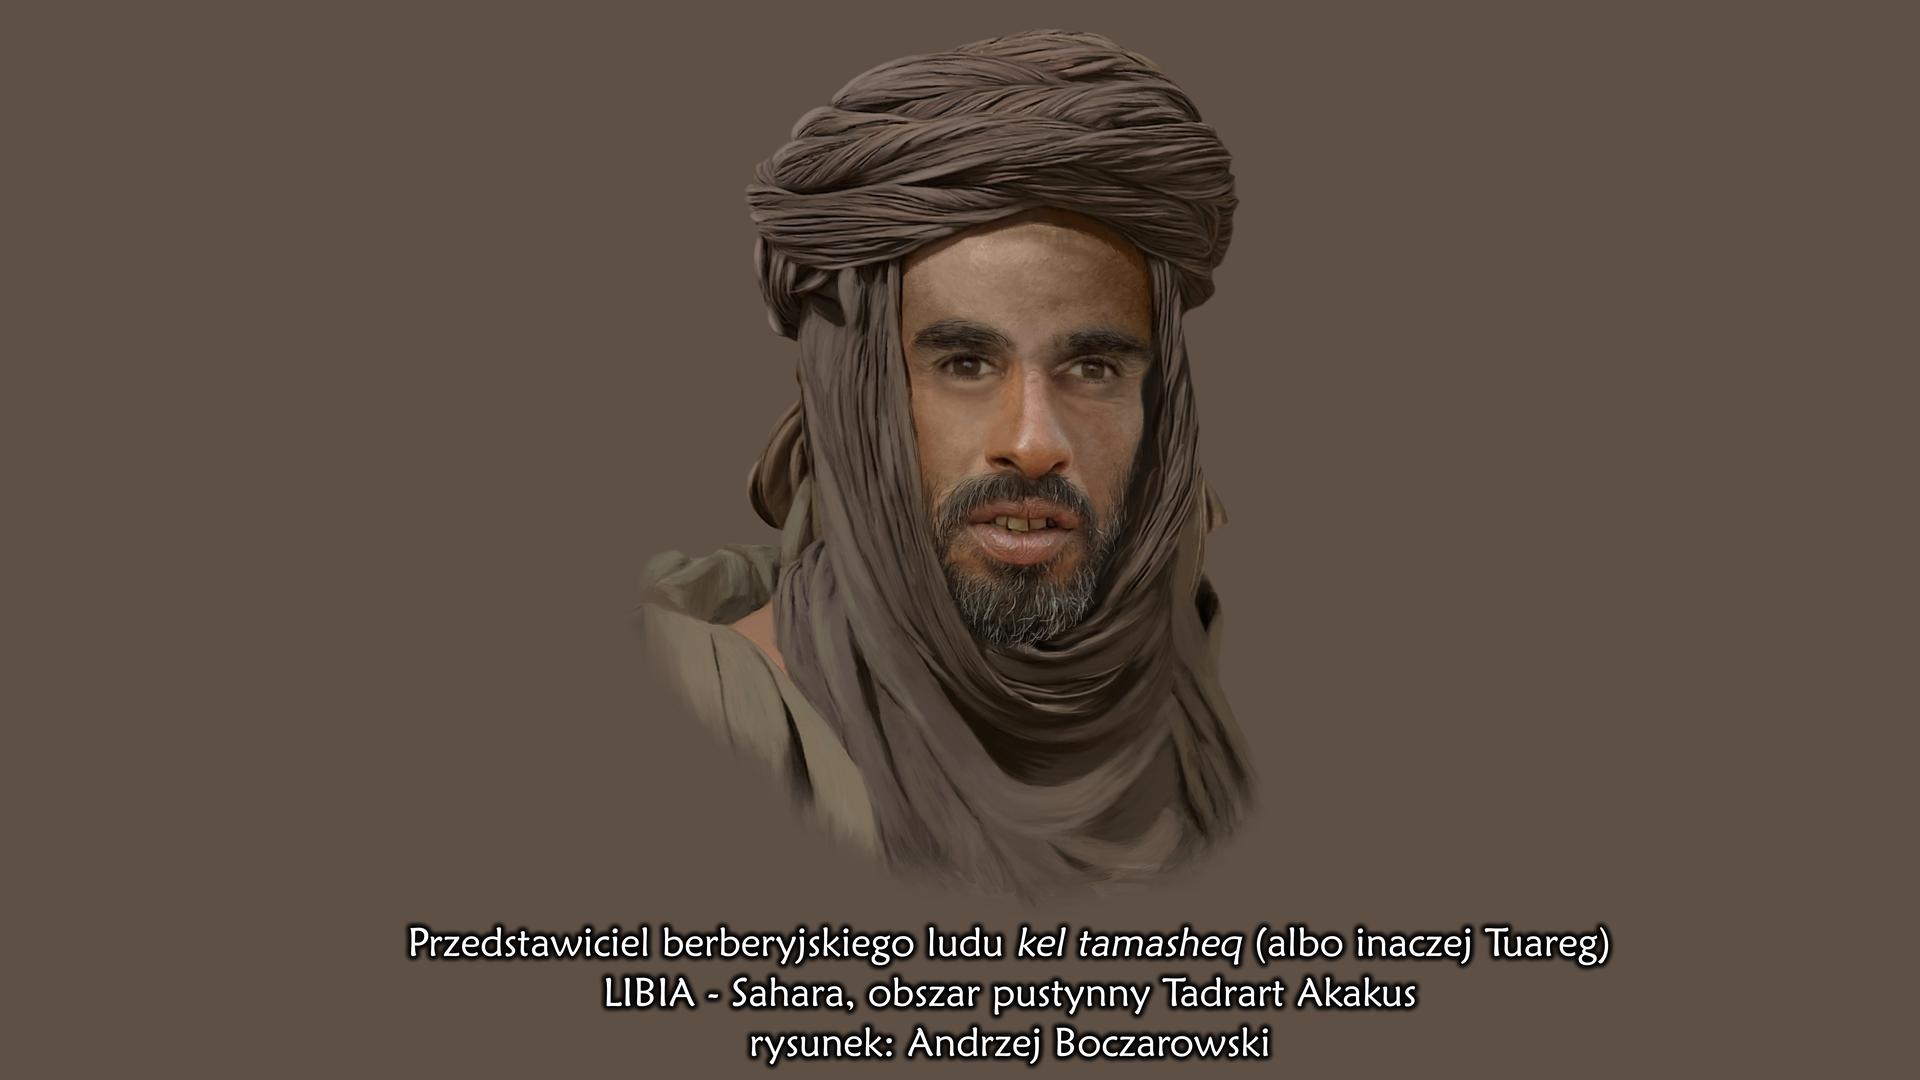 Ilustracja przedstawia portret mieszańca Sahary – Tuarega. Dojrzały mężczyzna ma śniadą cerę ipociągłą twarz. Na górnej wardze wąsy iczarny zarost na brodzie. Na głowie ma turban zbrązowej tkaniny.